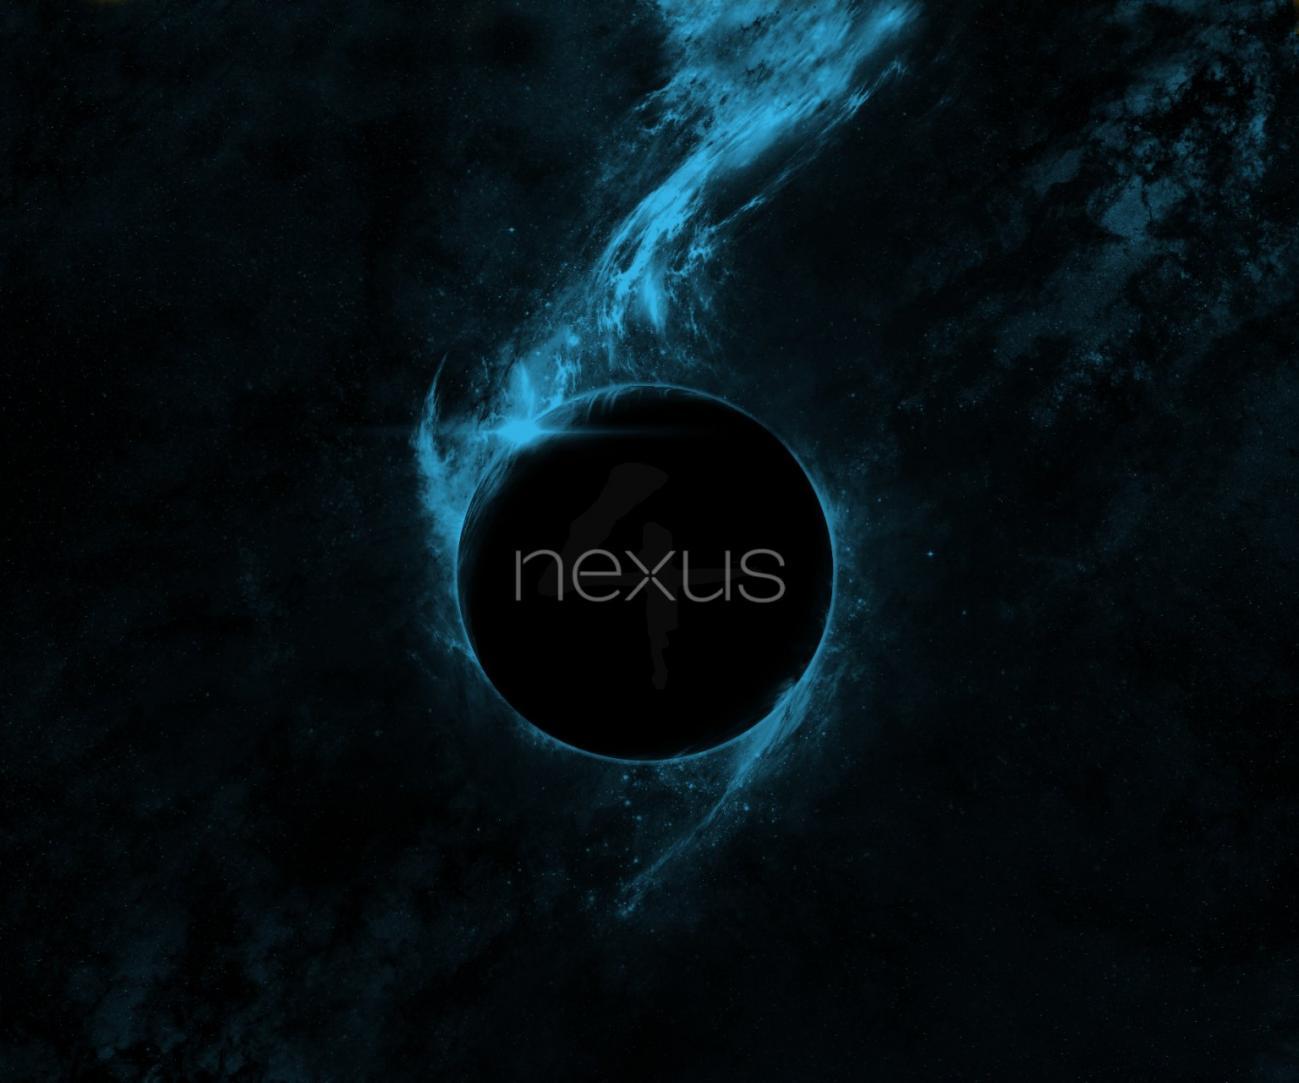 Desktop Wallpapers 1080p: Nexus 4 Wallpapers